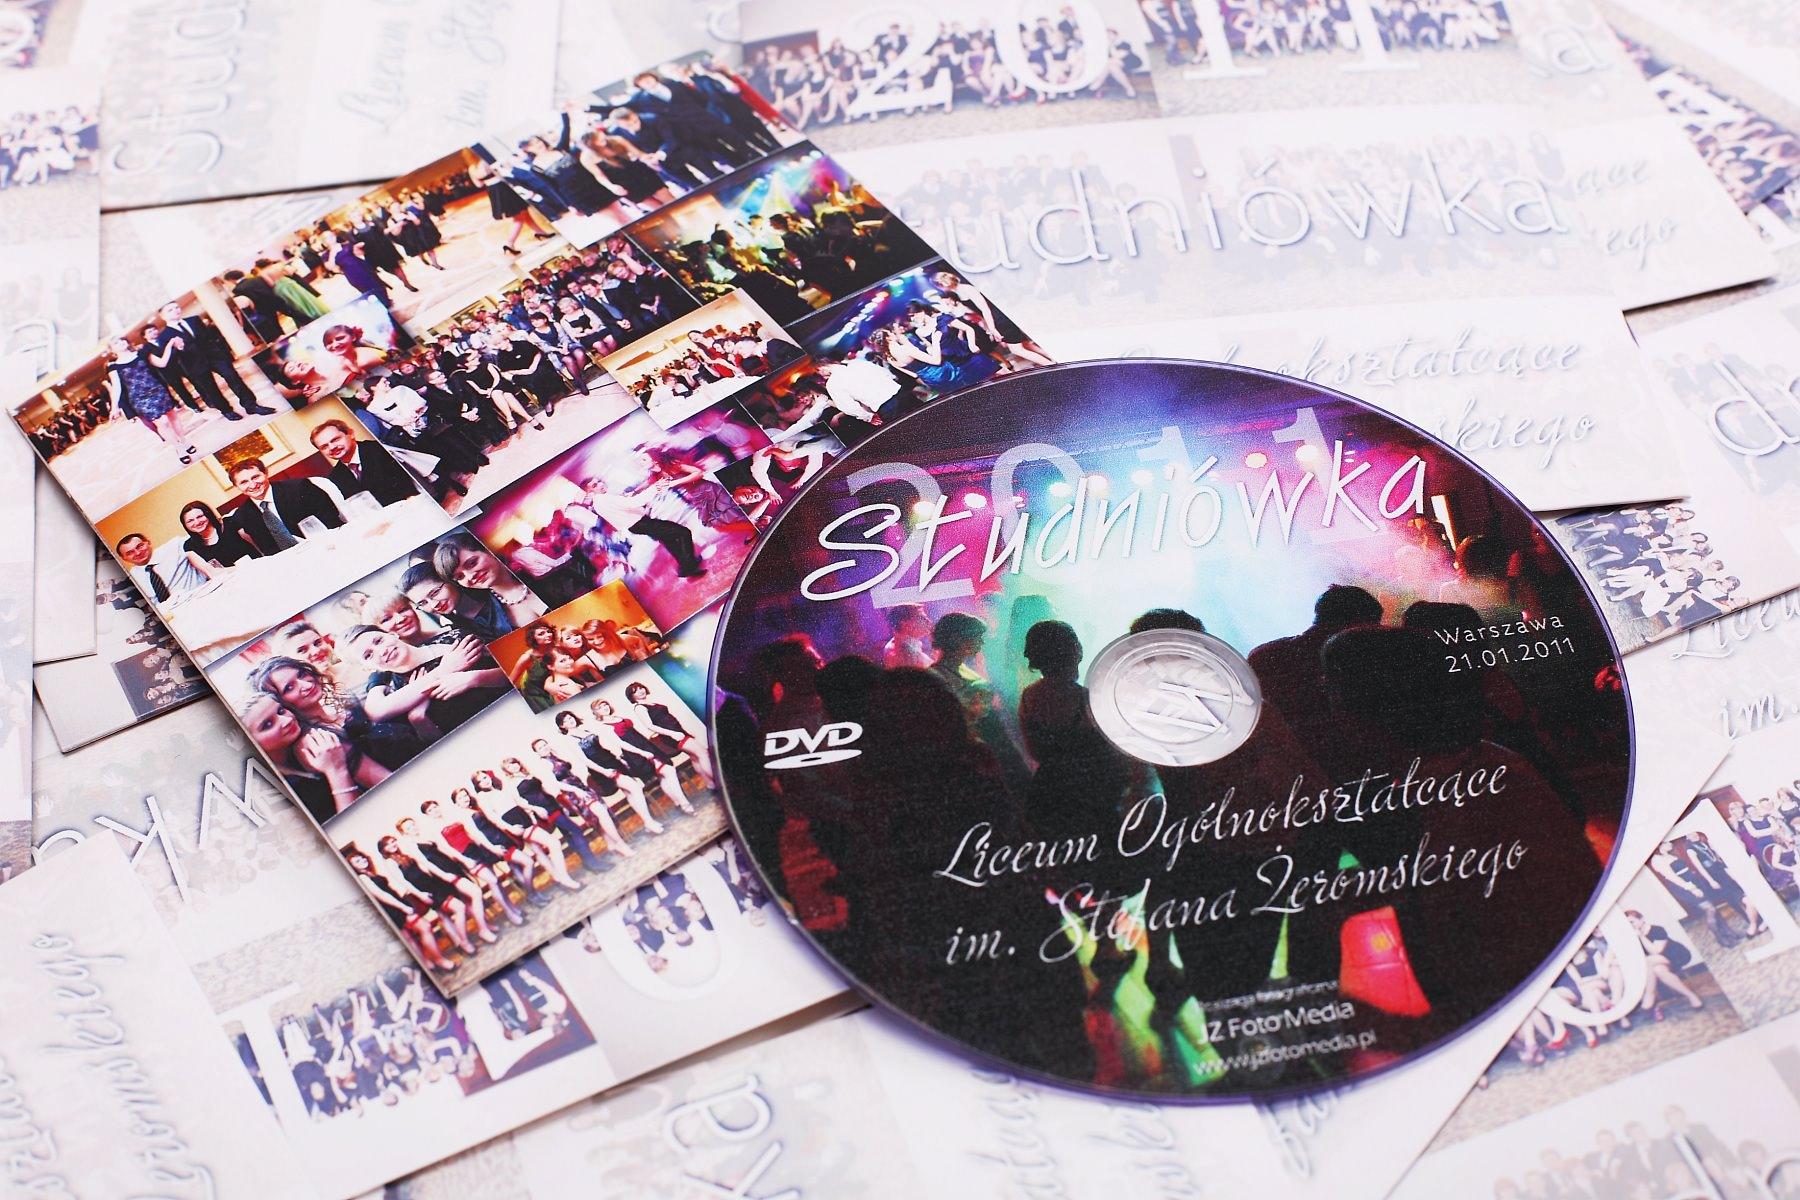 Projekt etui na DVD i nadruku na DVD oraz produkt finalny – 200 kompletów. Studniówka Warszawa.